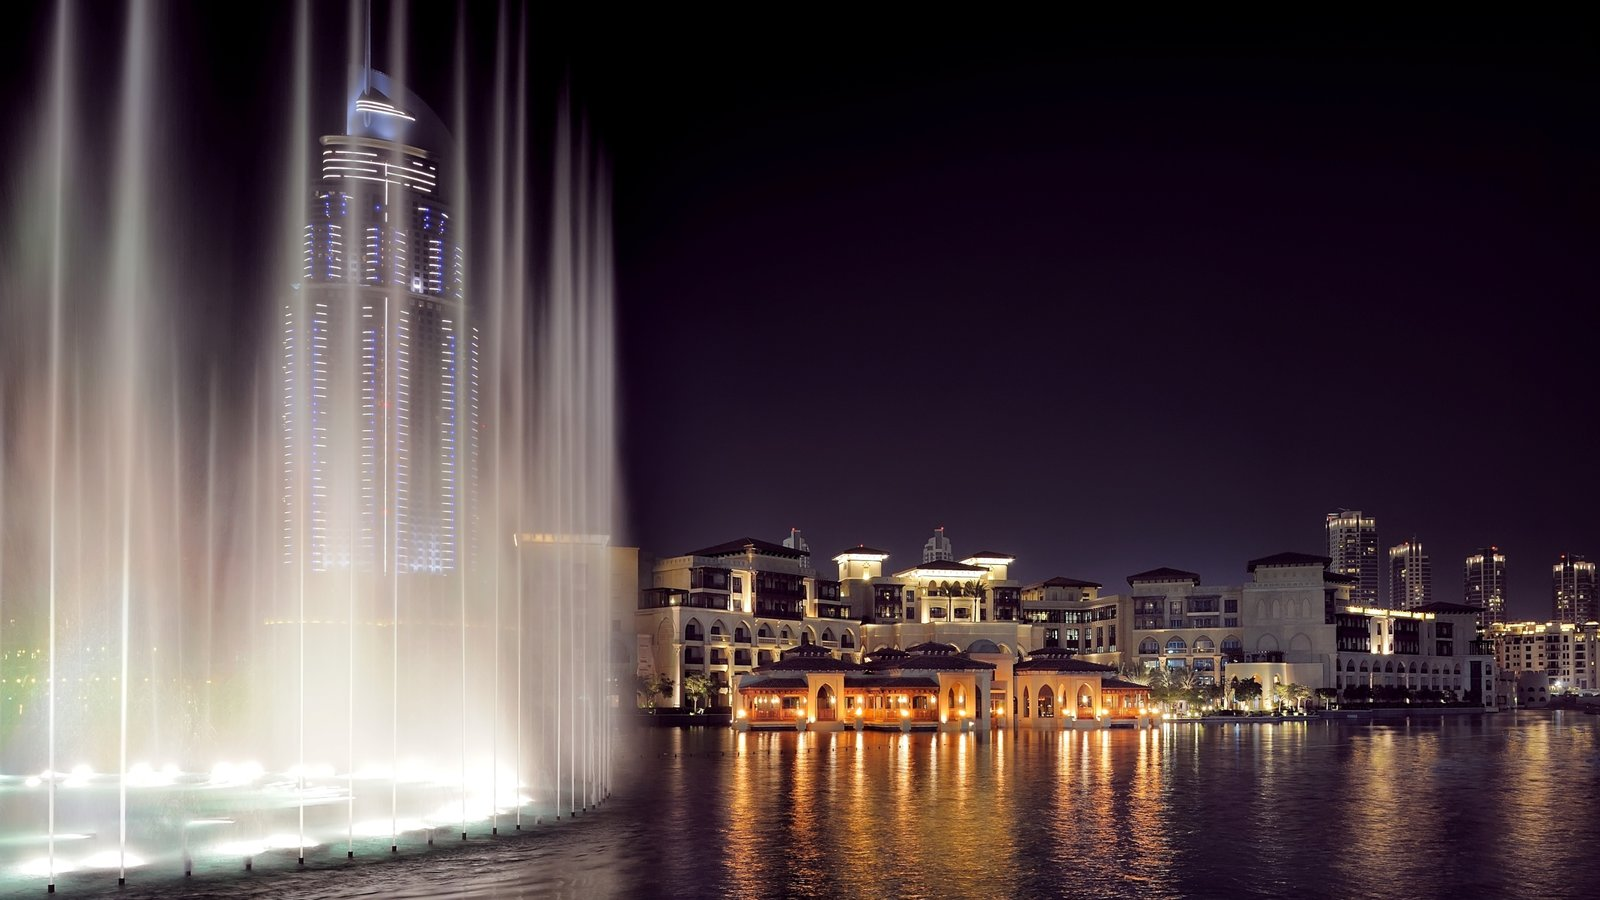 Dubai Emirate which includes a fountain, night scenes and a skyscraper